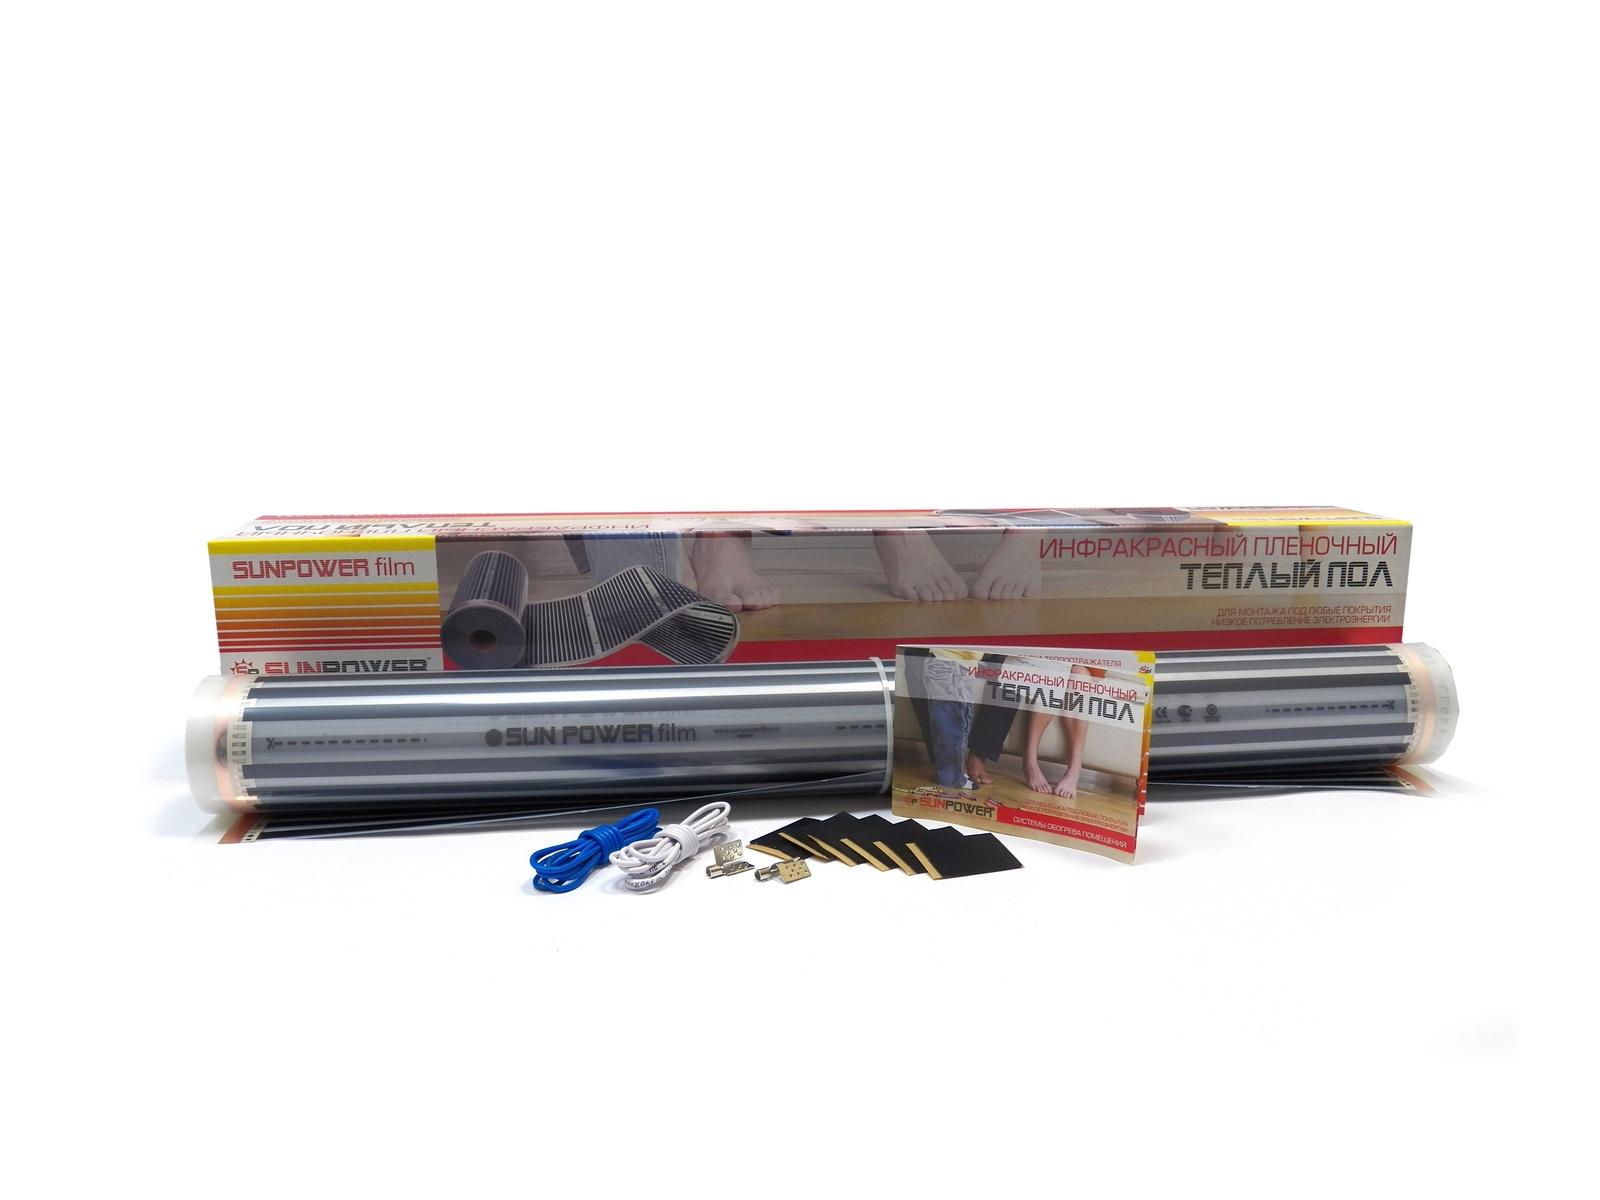 лучшая цена Комплект теплого пола SunPower SPF 80/220/6, инфракрасный, пленочный, 220Вт, 80 см, 6 м